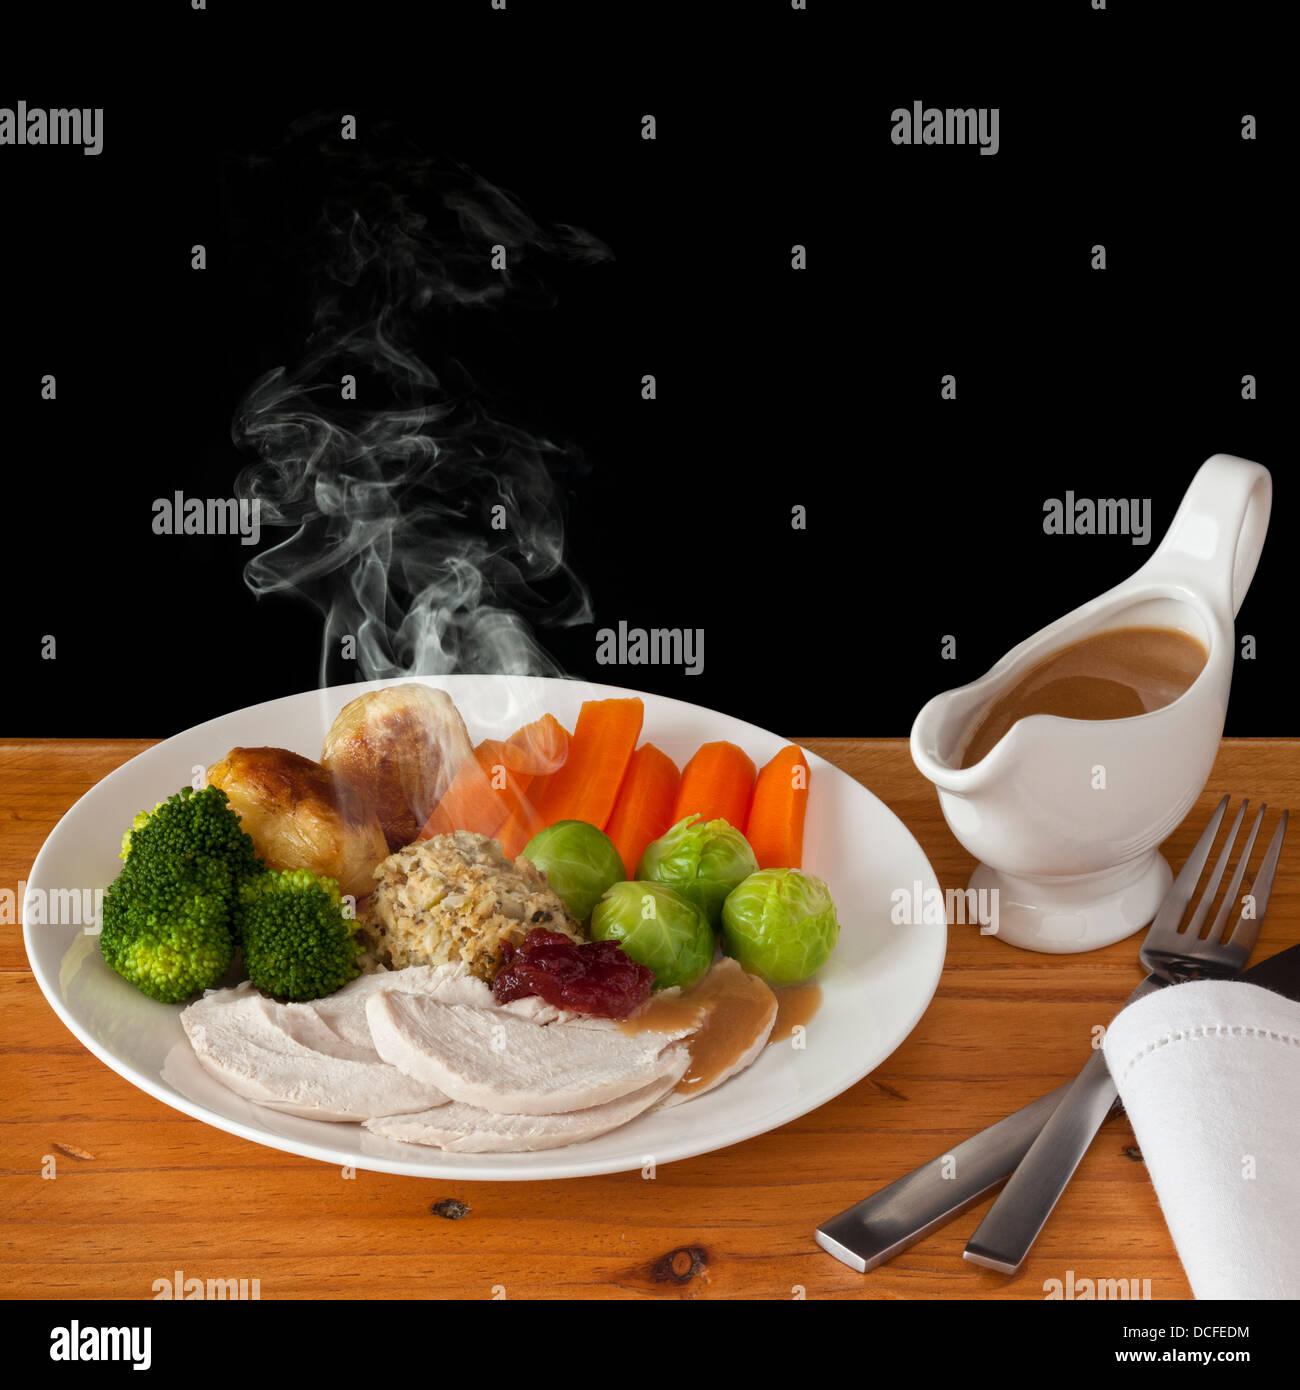 Roast Chicken Dinner - ein typisches Weihnachtsessen mit sichtbaren Dampf steigt, mit Platz für Ihren eigenen Stockbild